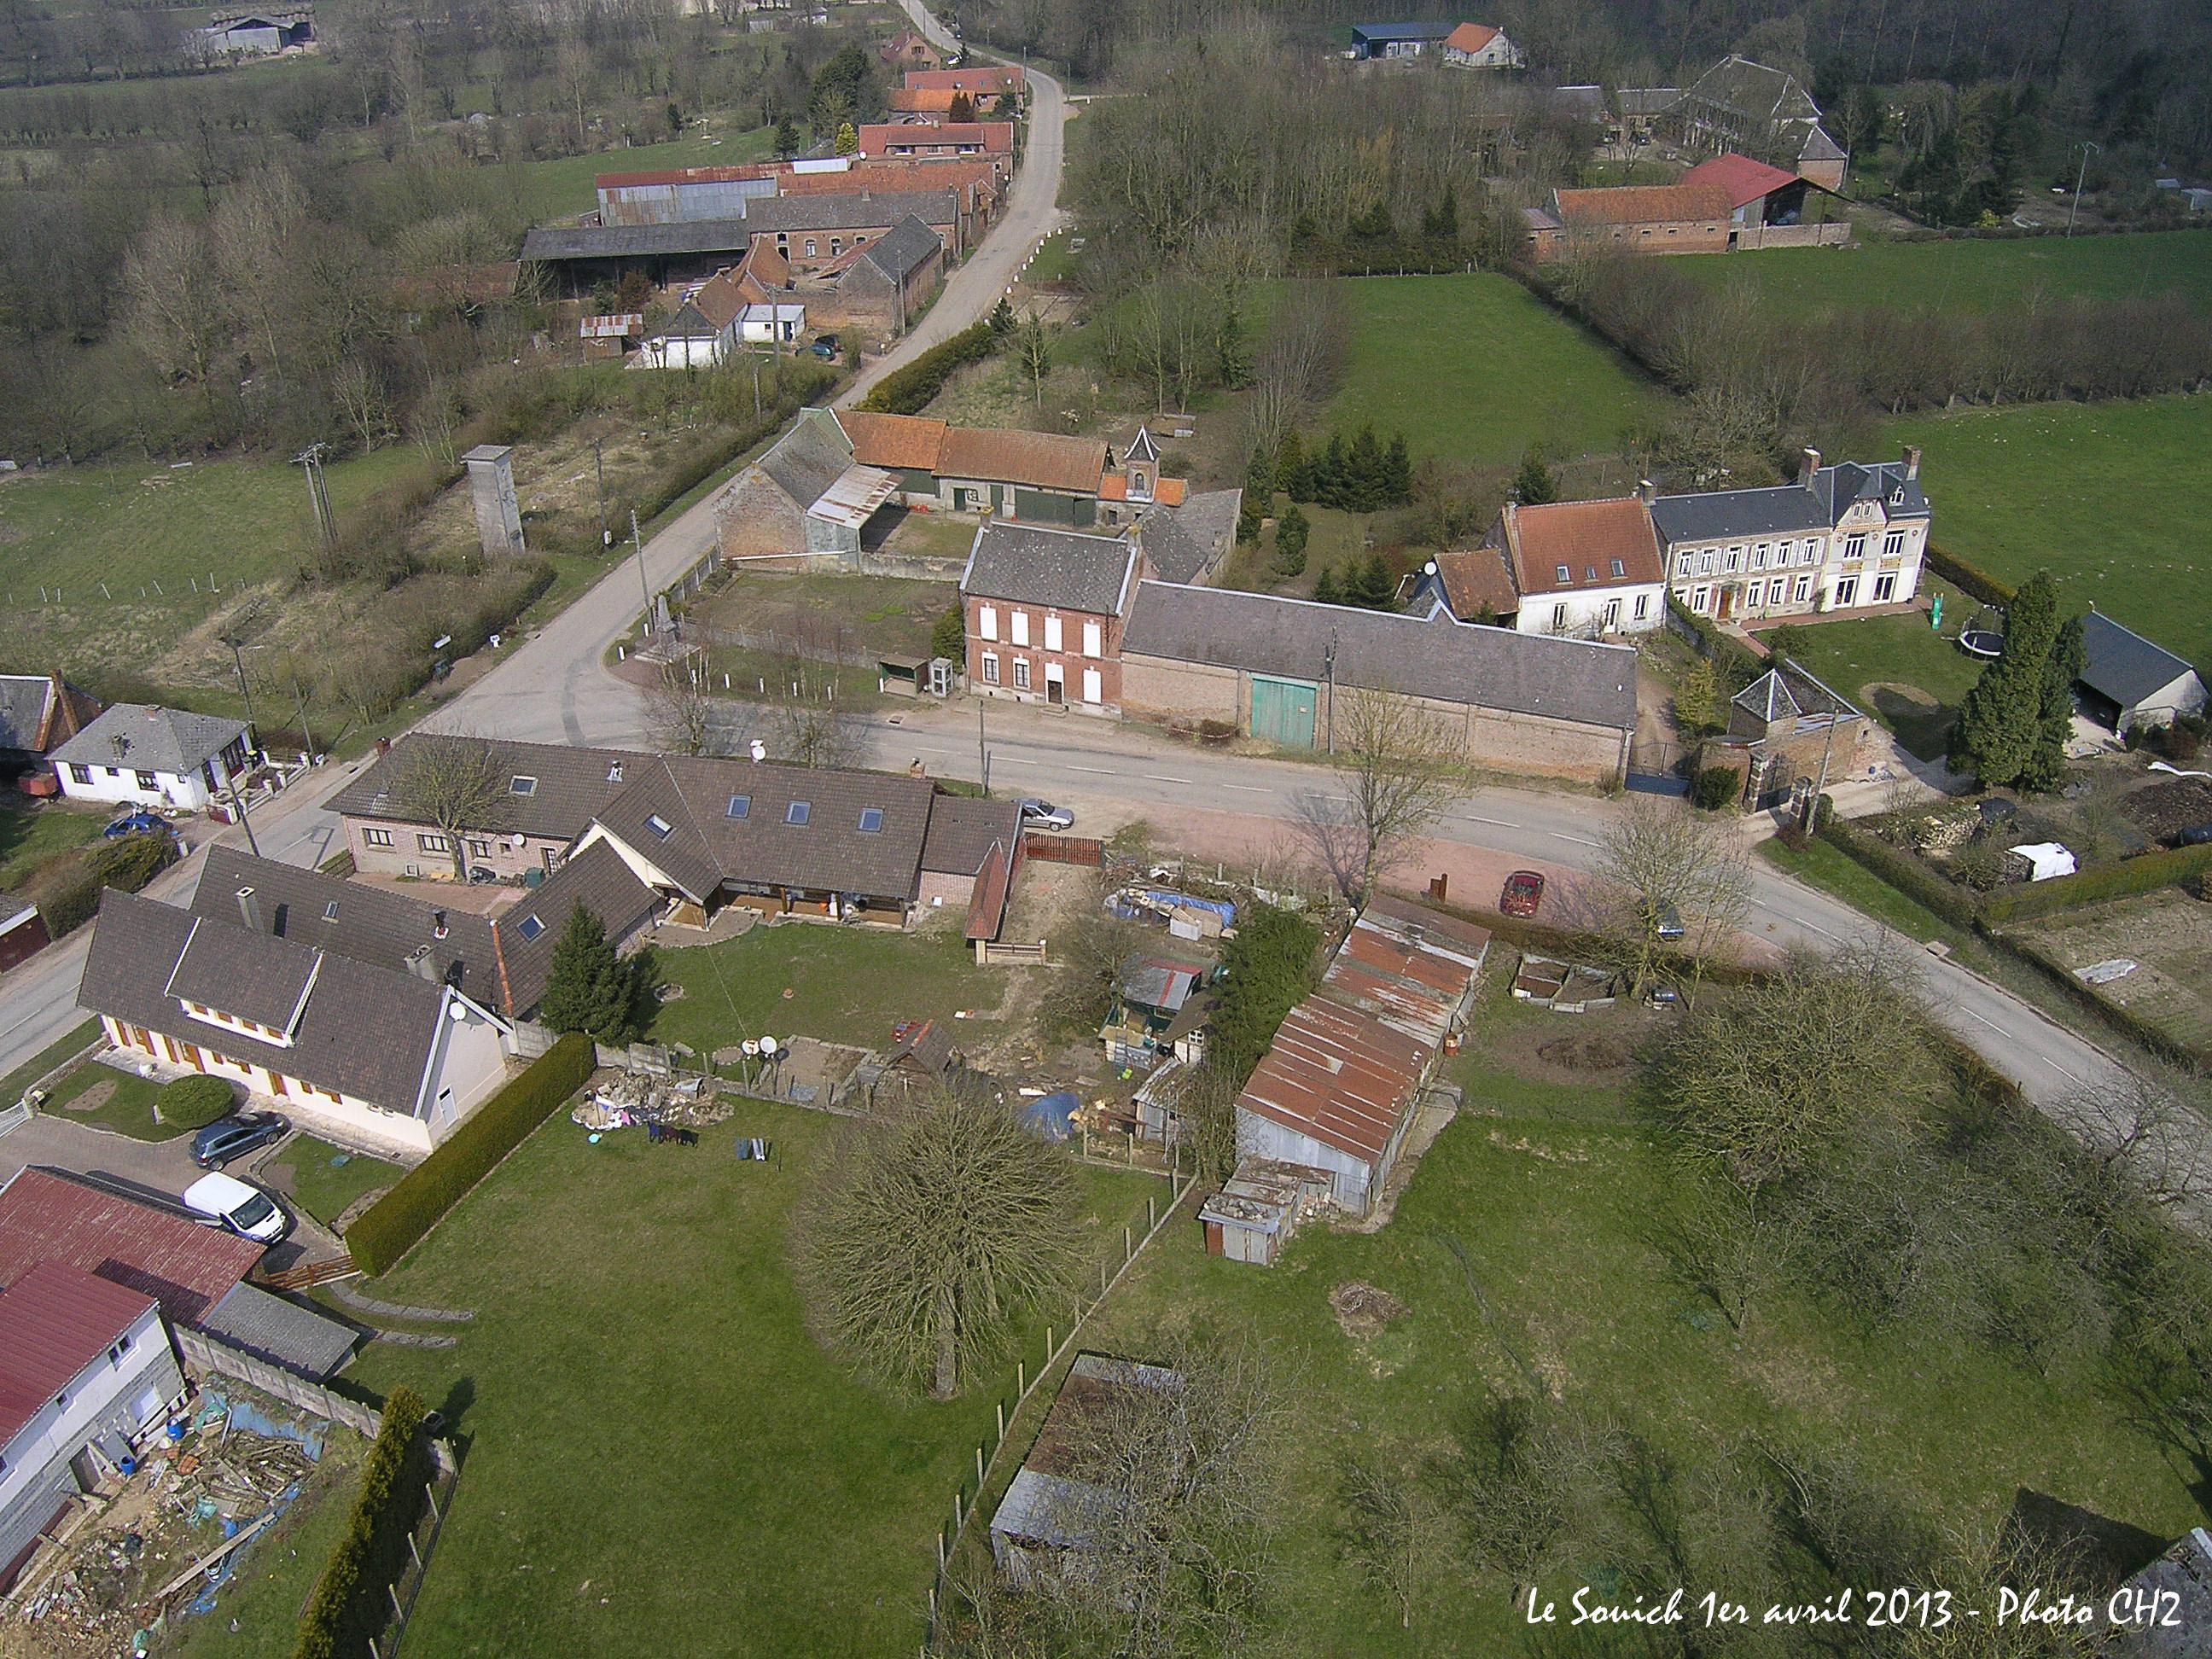 Le Souich P4011731